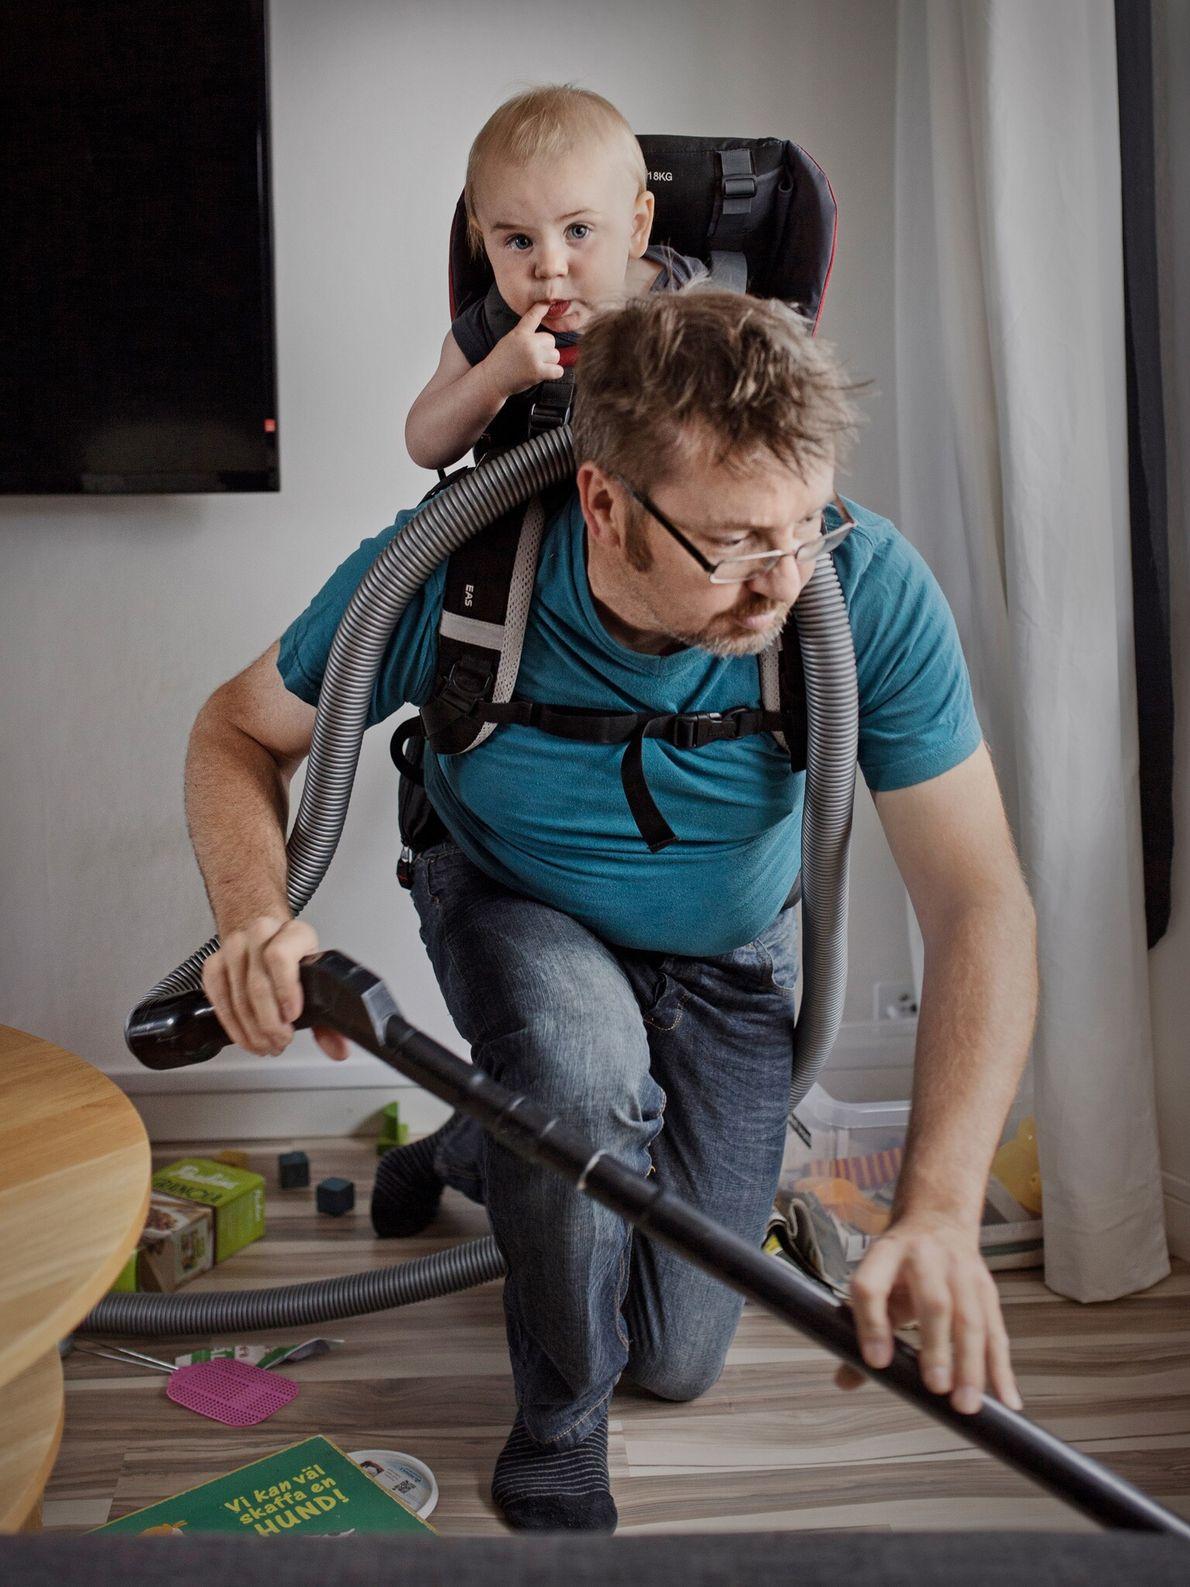 Au cours des huit mois passés avec son fils Gustav, l'acheteur Ola Larsson a dû maîtriser ...